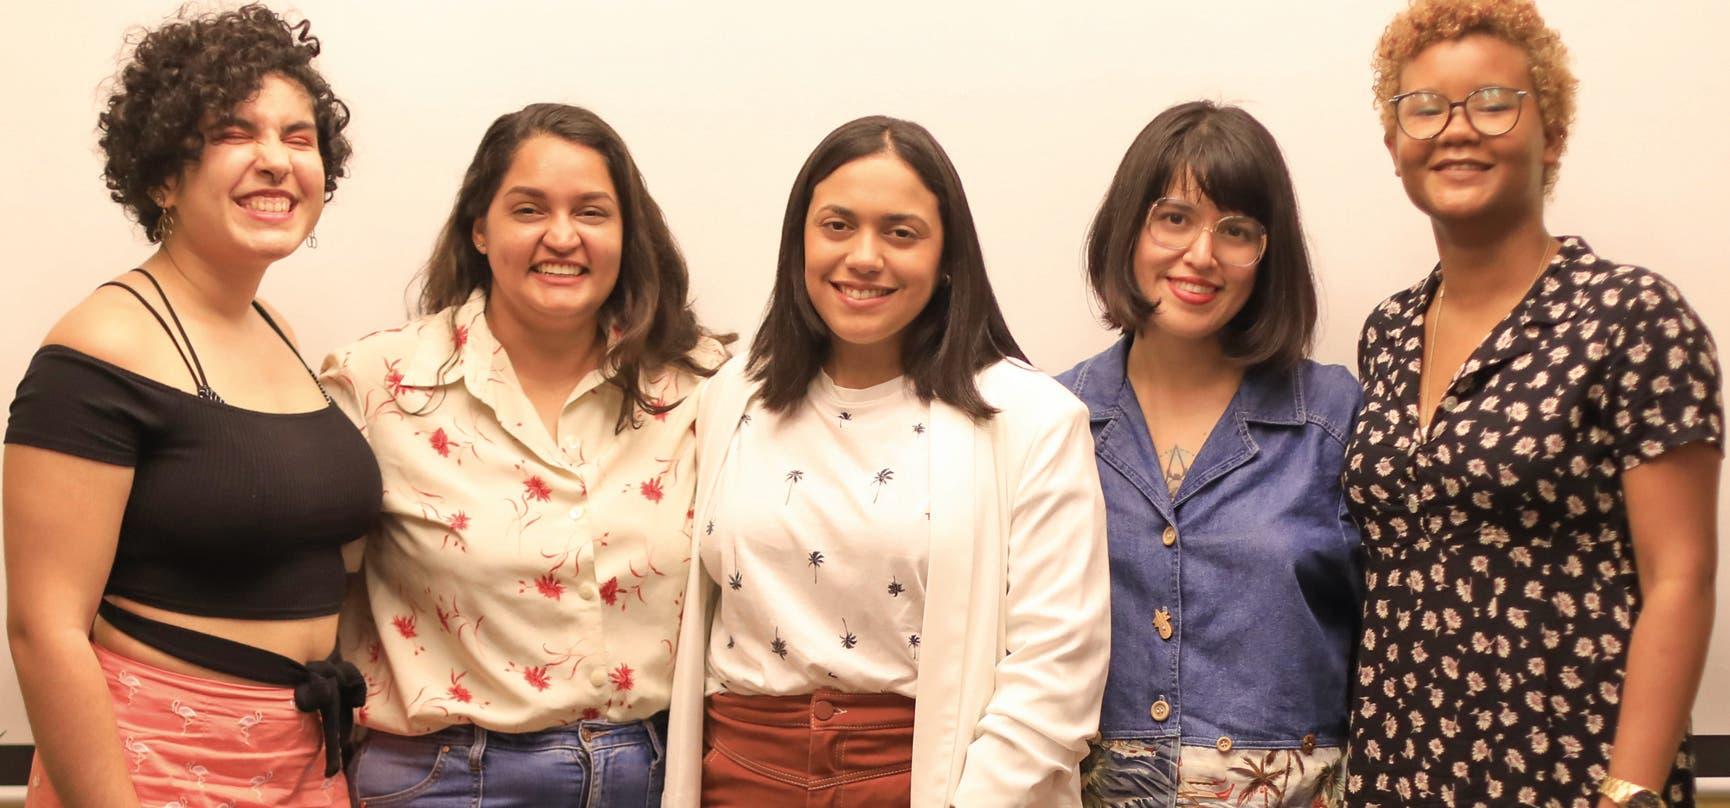 Las artistas de  la muestra: María  Subero, Noelia  Cordero, Graciela González, Daniela Urdaneta y  Betzaida Mesa.